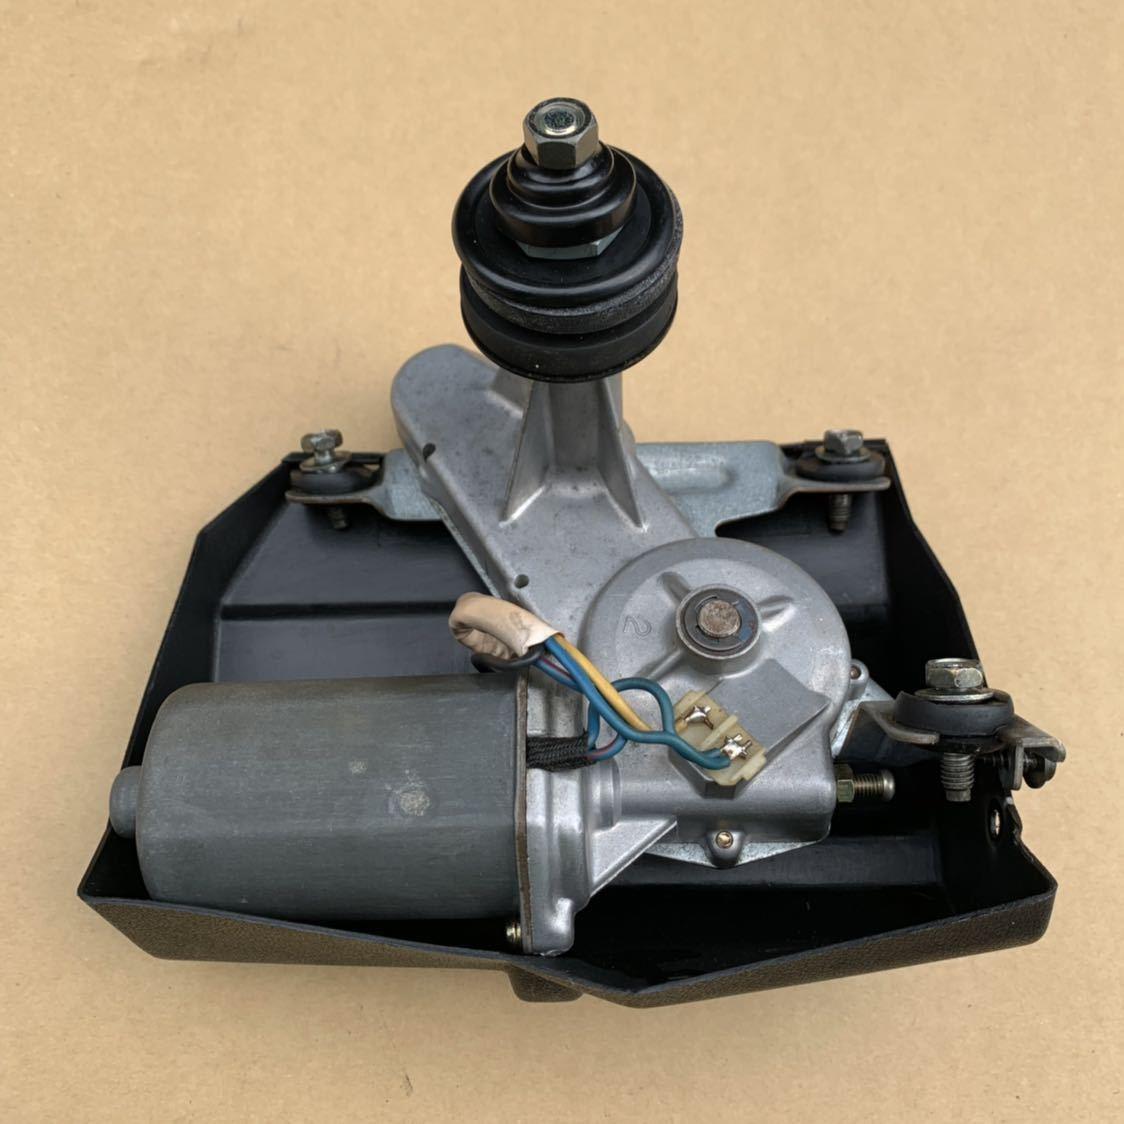 リヤワイパーモーター シールキット新品 HR31 R31 スカイライン 2ドア GTS-R 作動確認済み_画像1